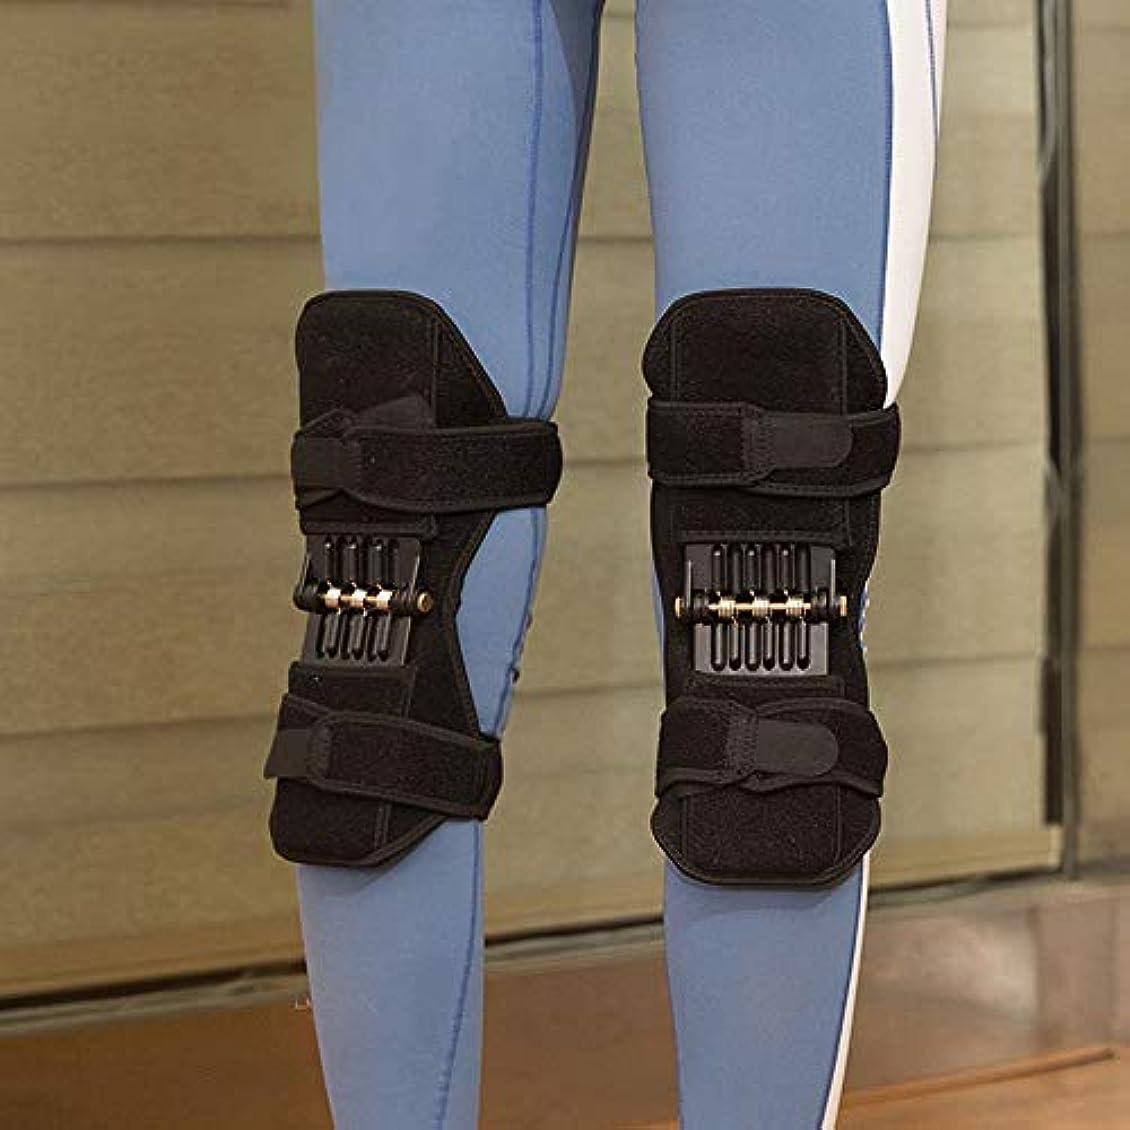 理想的には放牧する形容詞1 ペアスポーツ 春の膝 ストラップ 登山 ランニング 膝 ブースター 膝 パッド 膝関節保護 マッサージツール